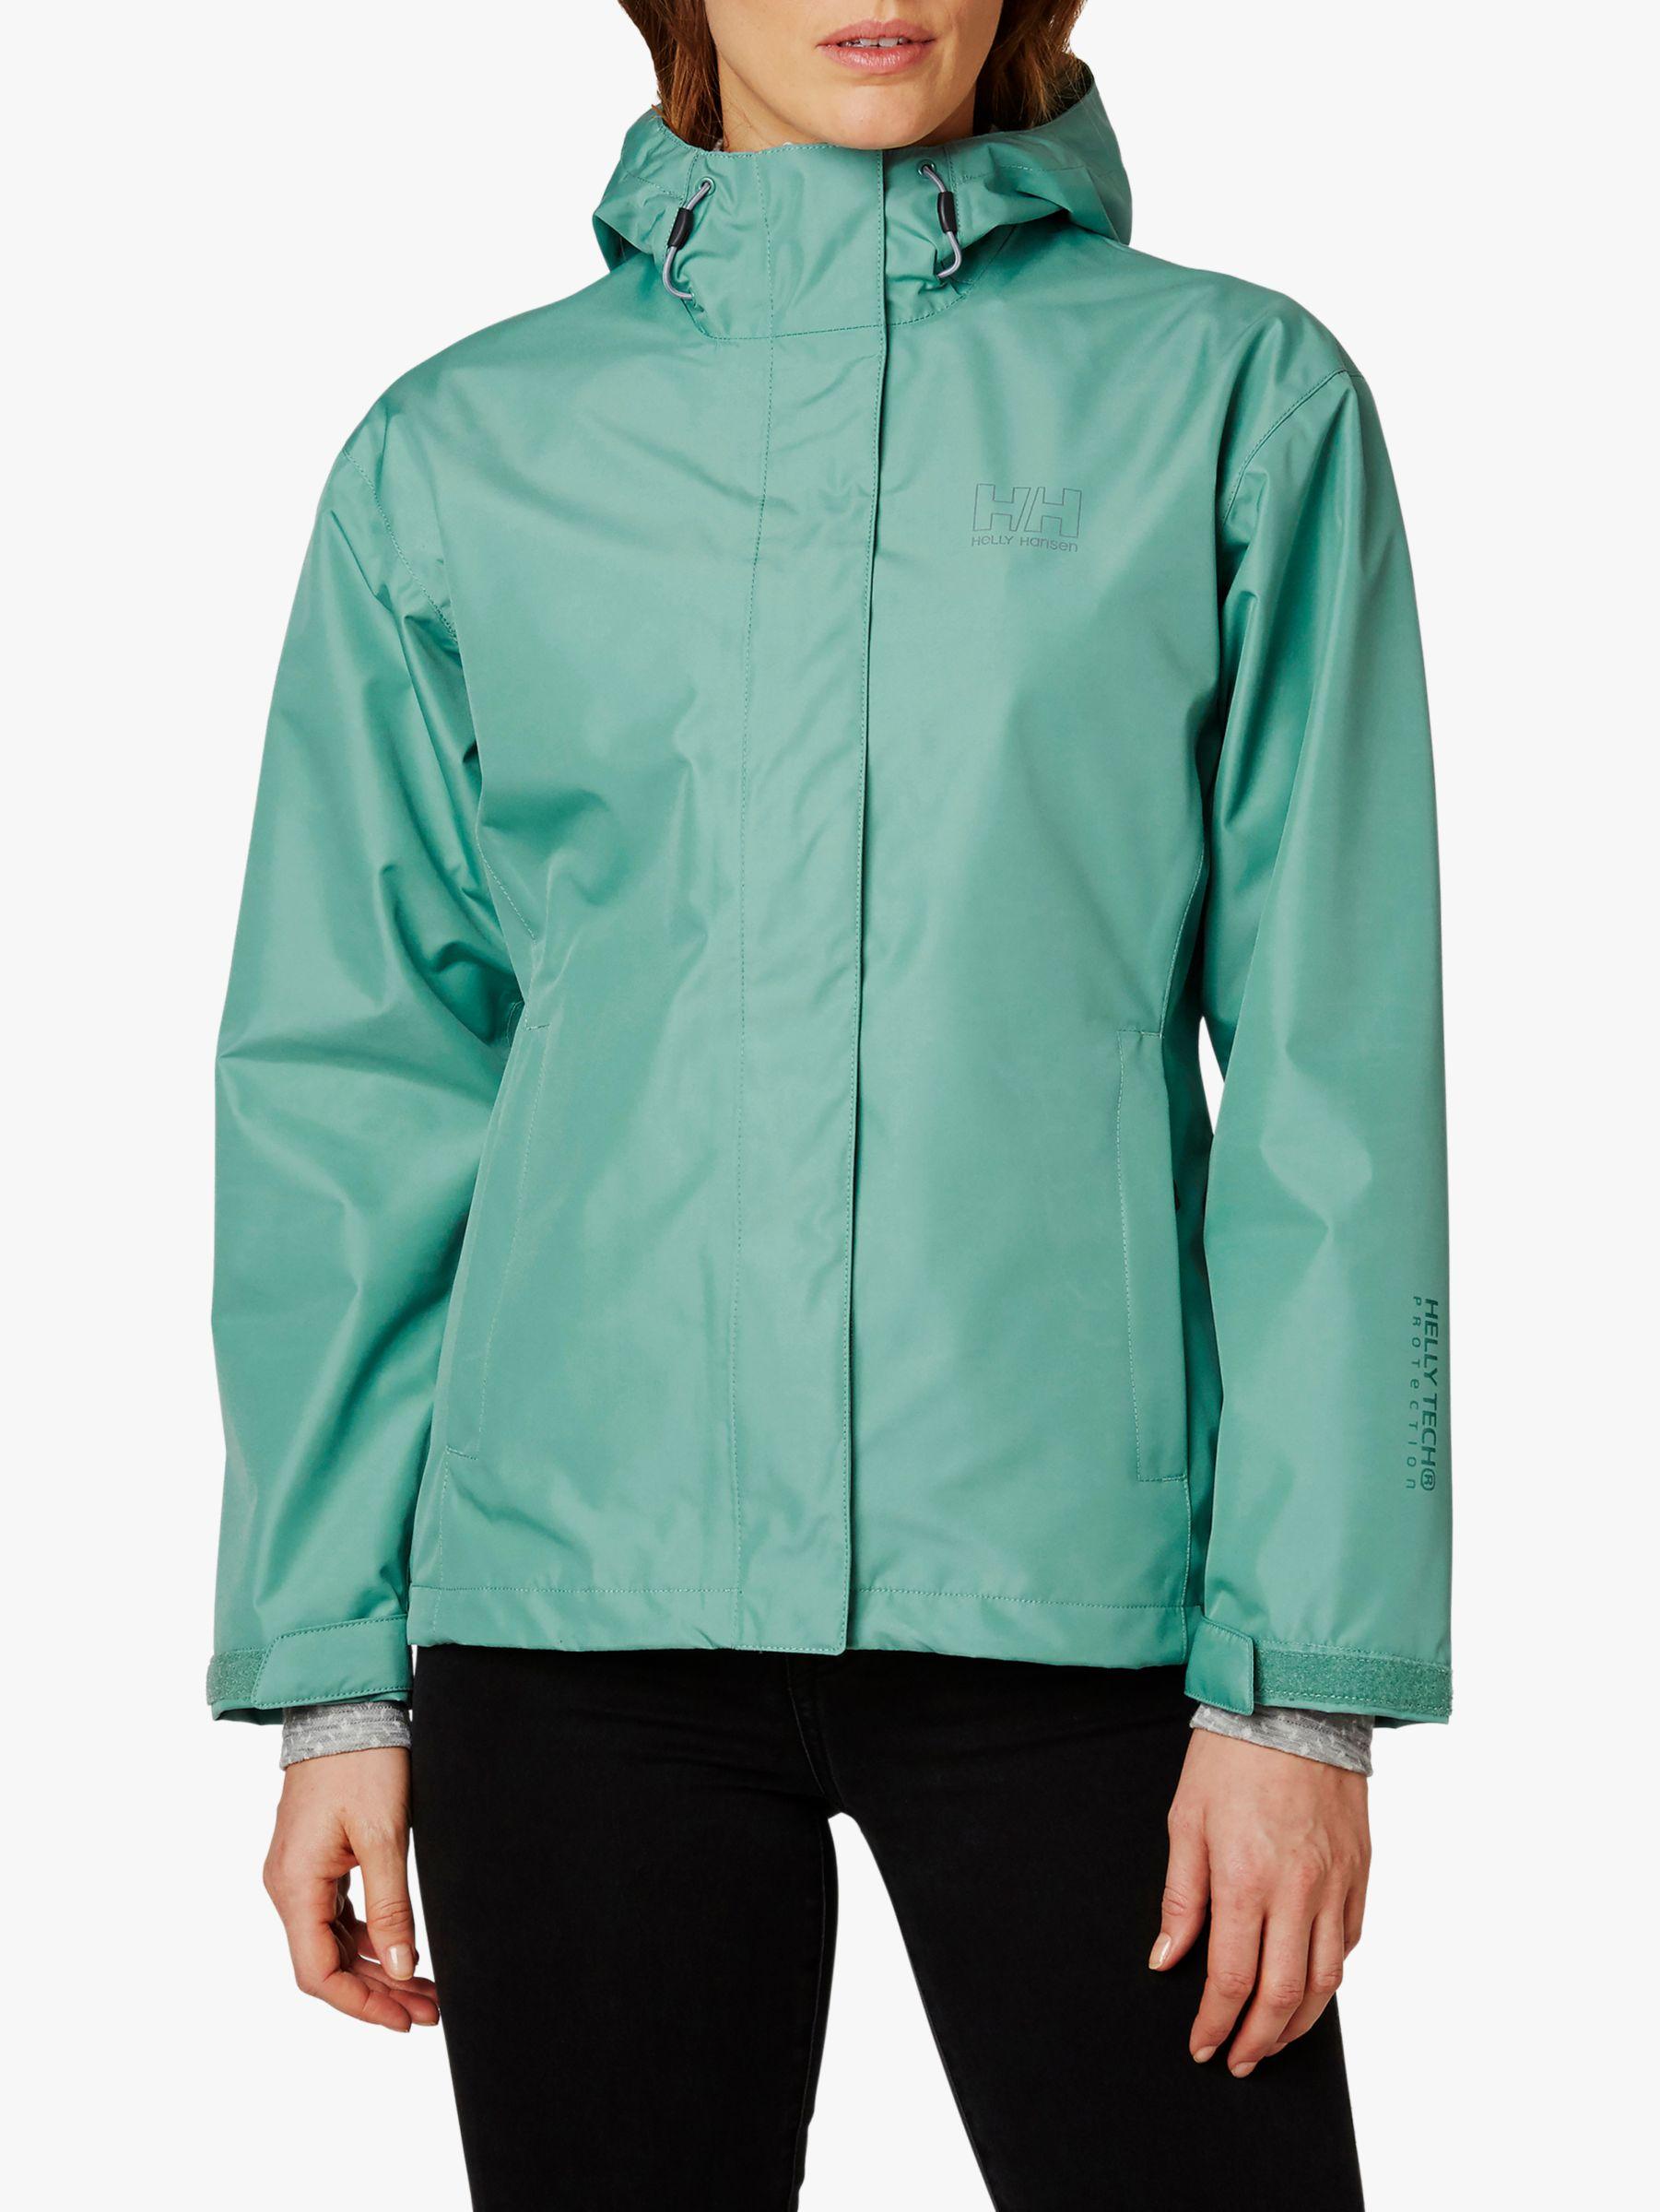 Helly Hansen Helly Hansen Seven J Women's Waterproof Jacket